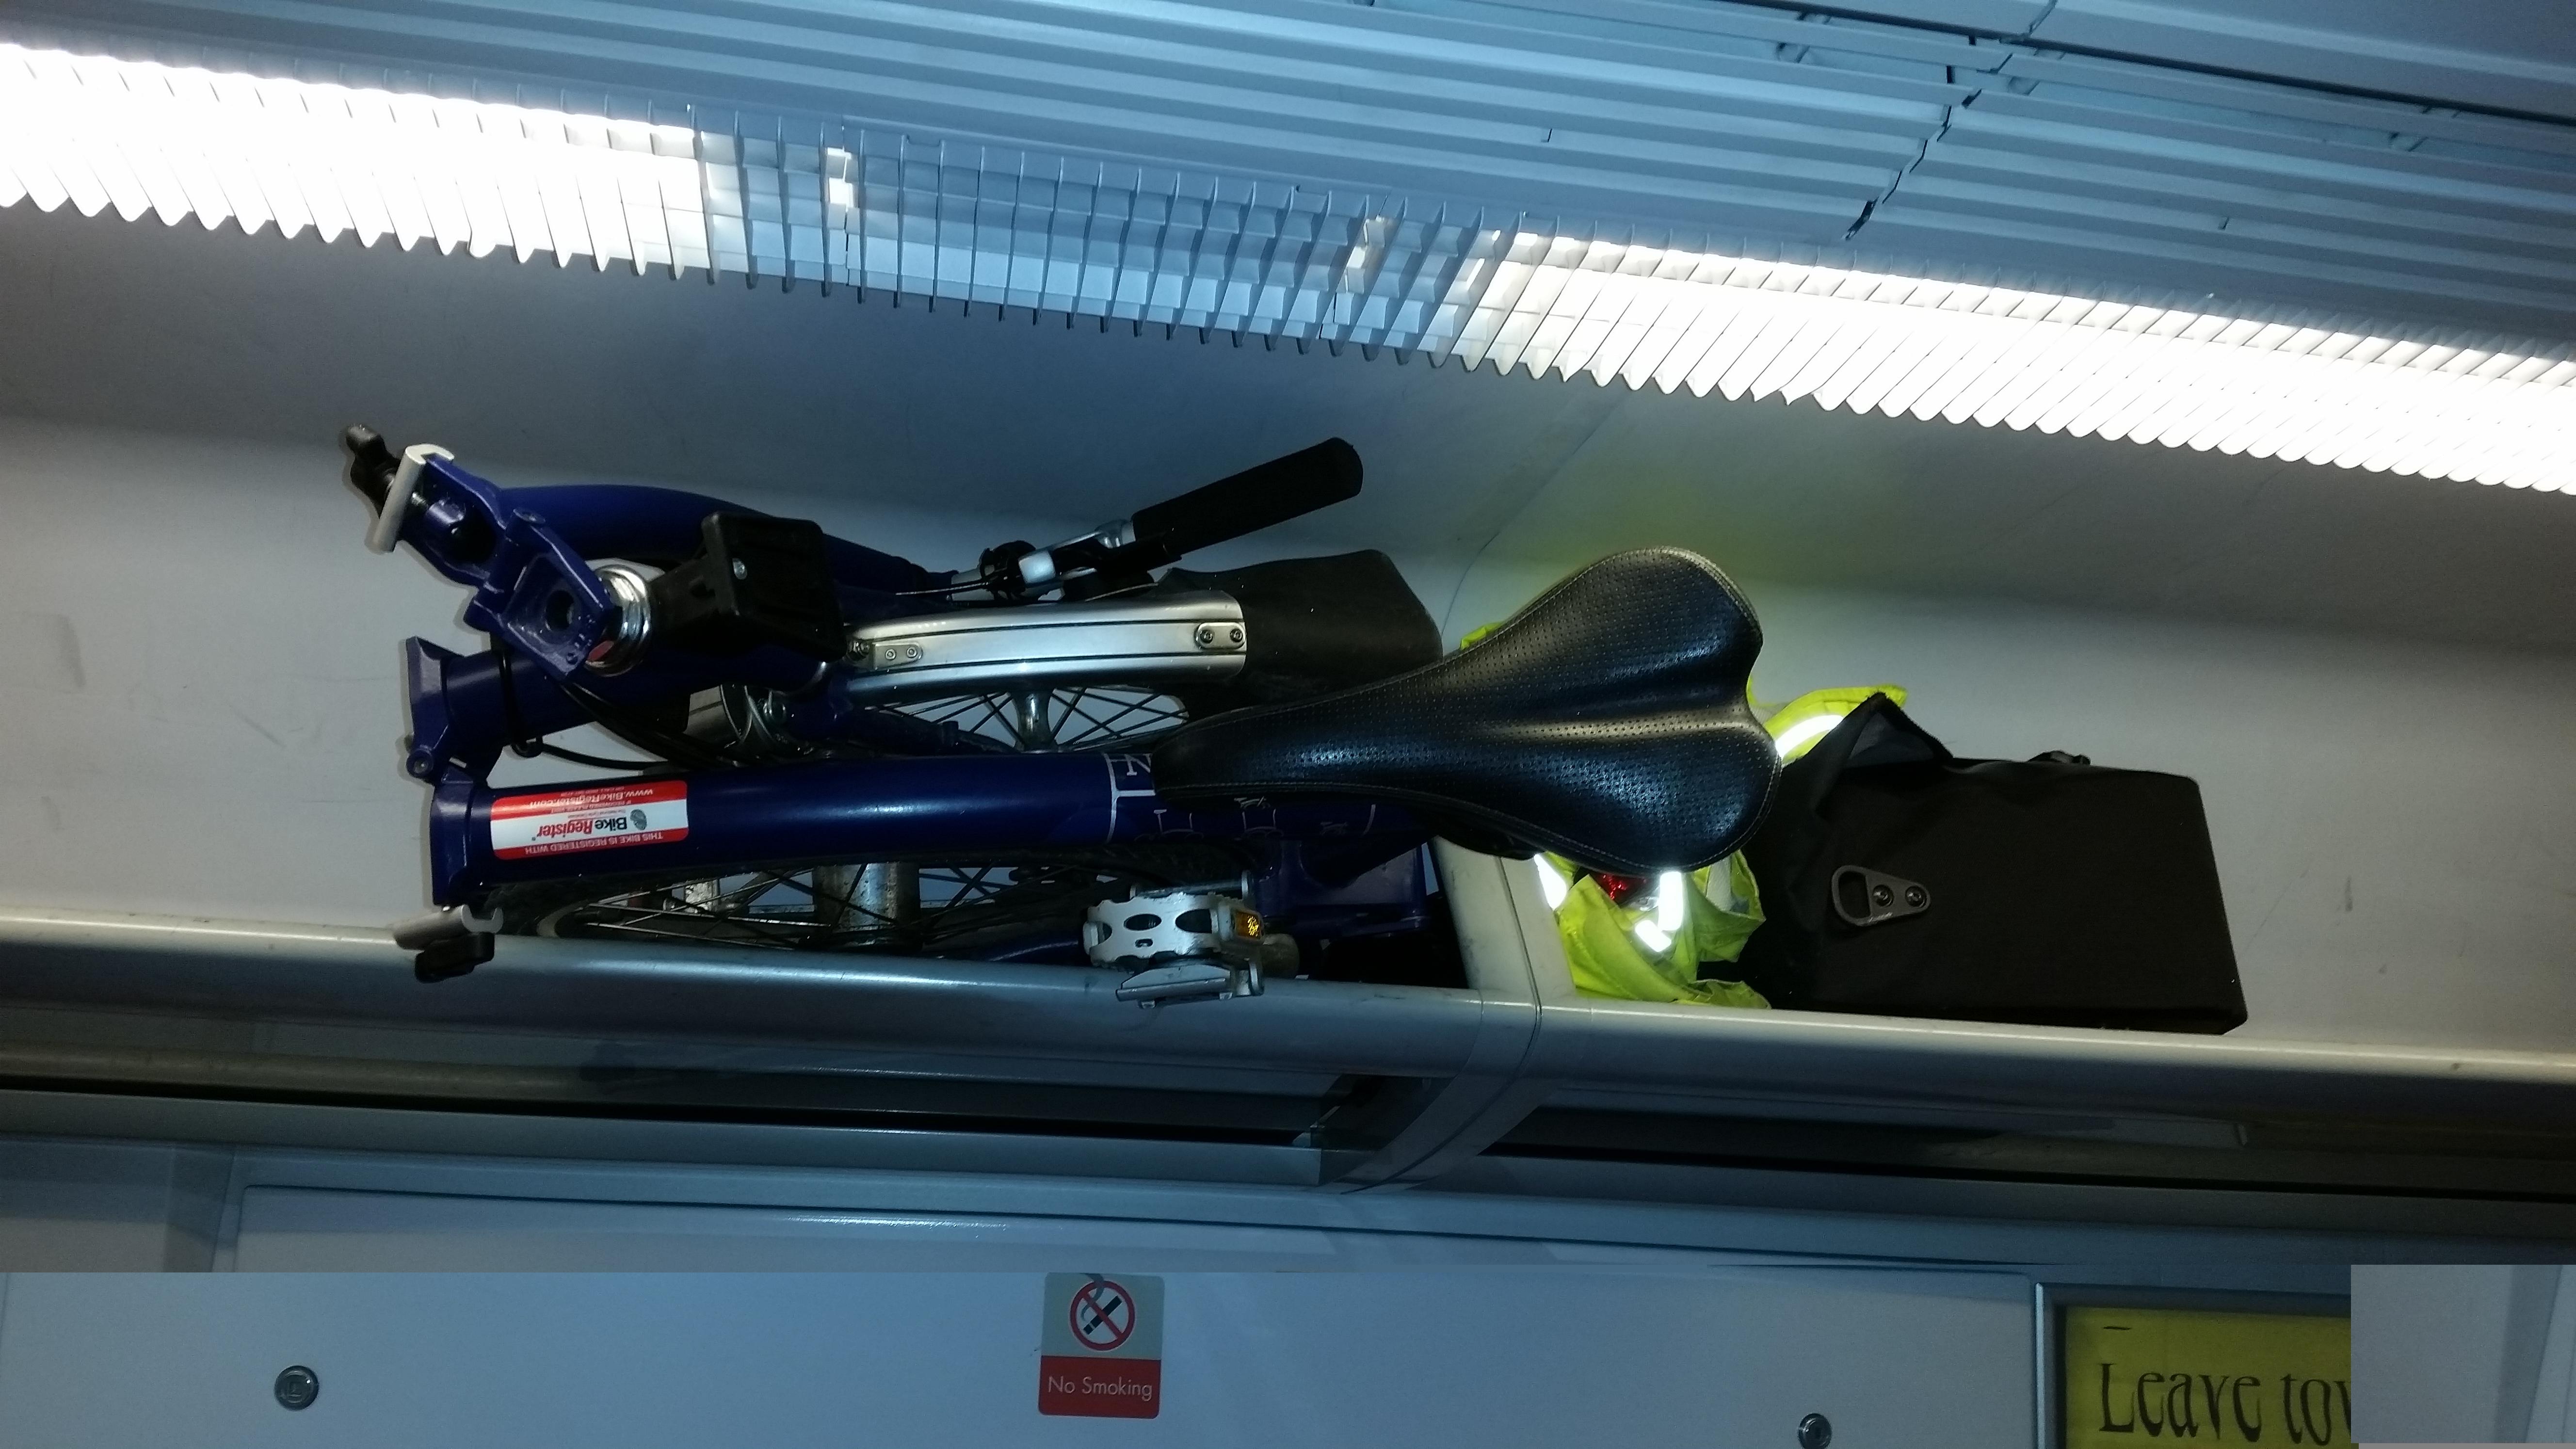 Bike in luggage rack